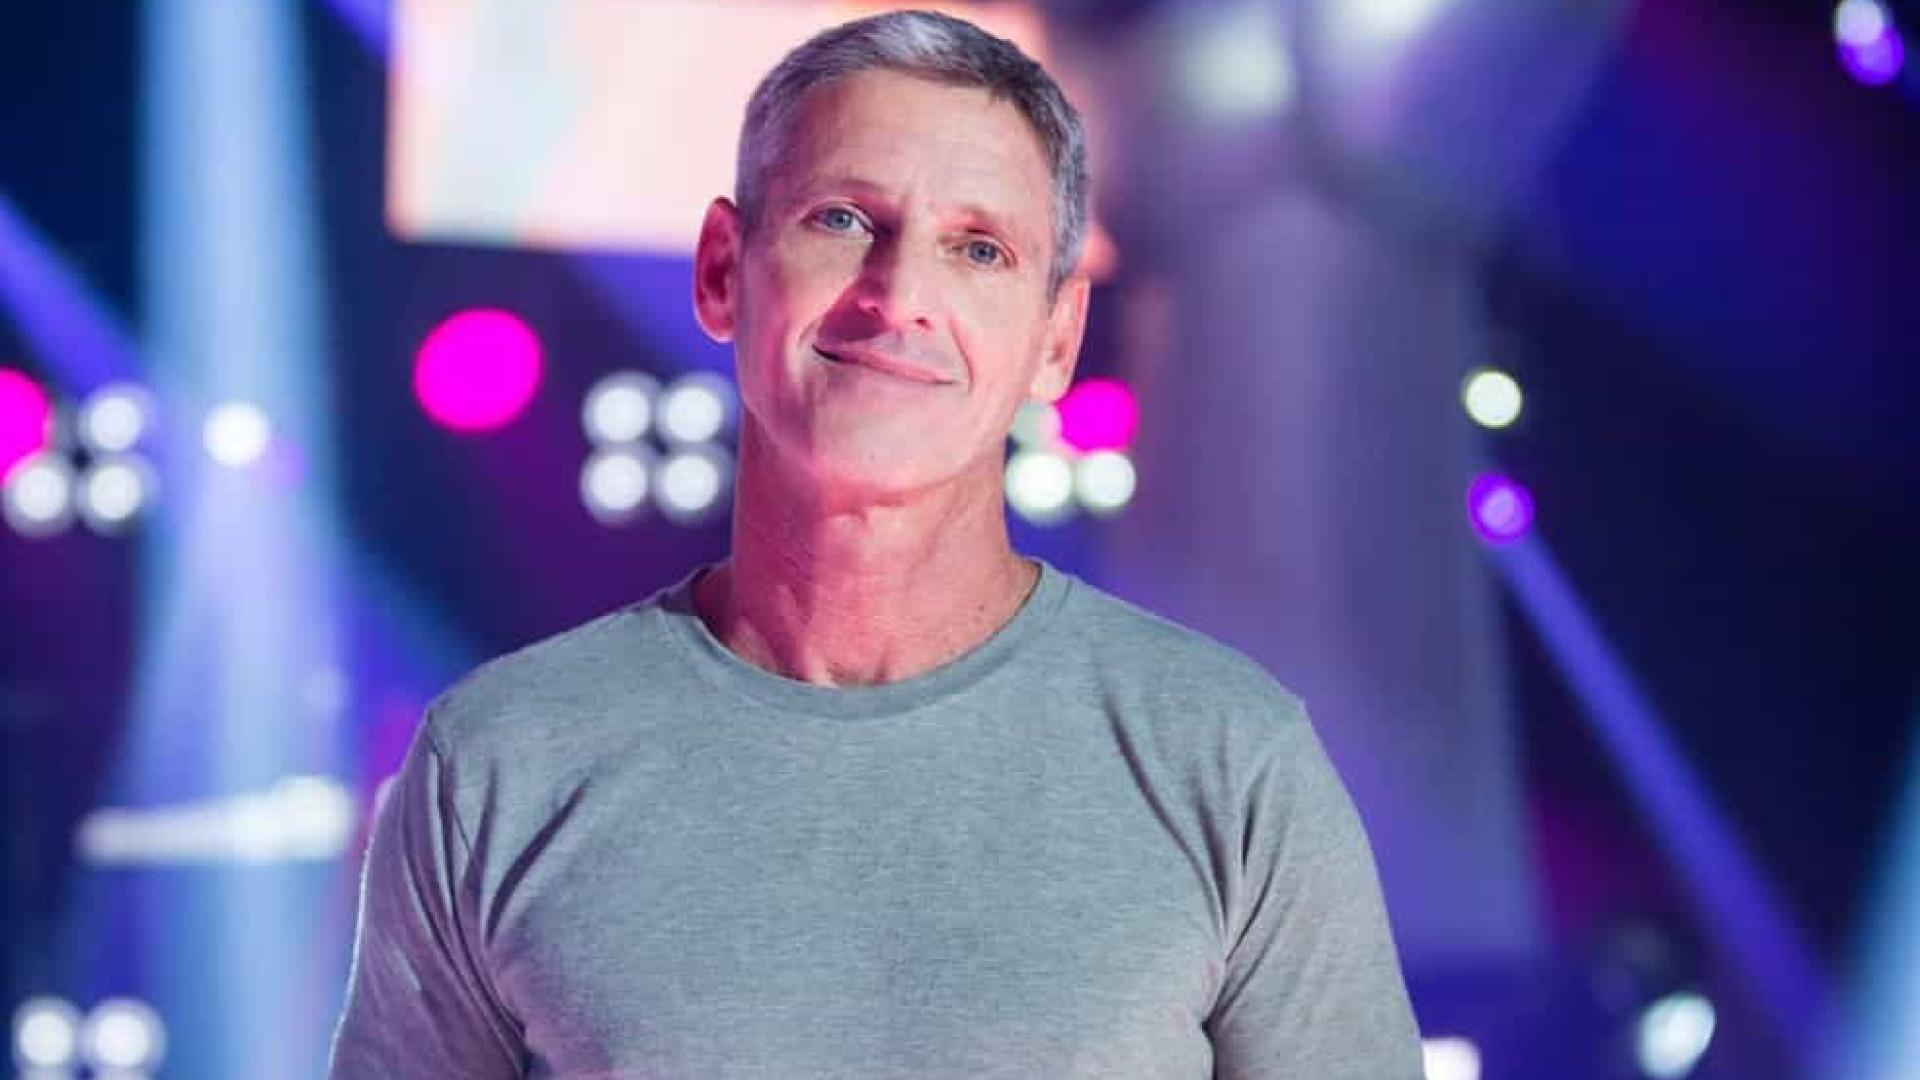 Aos 58 anos, morre Flavio Goldemberg, diretor do 'The Voice Kids'